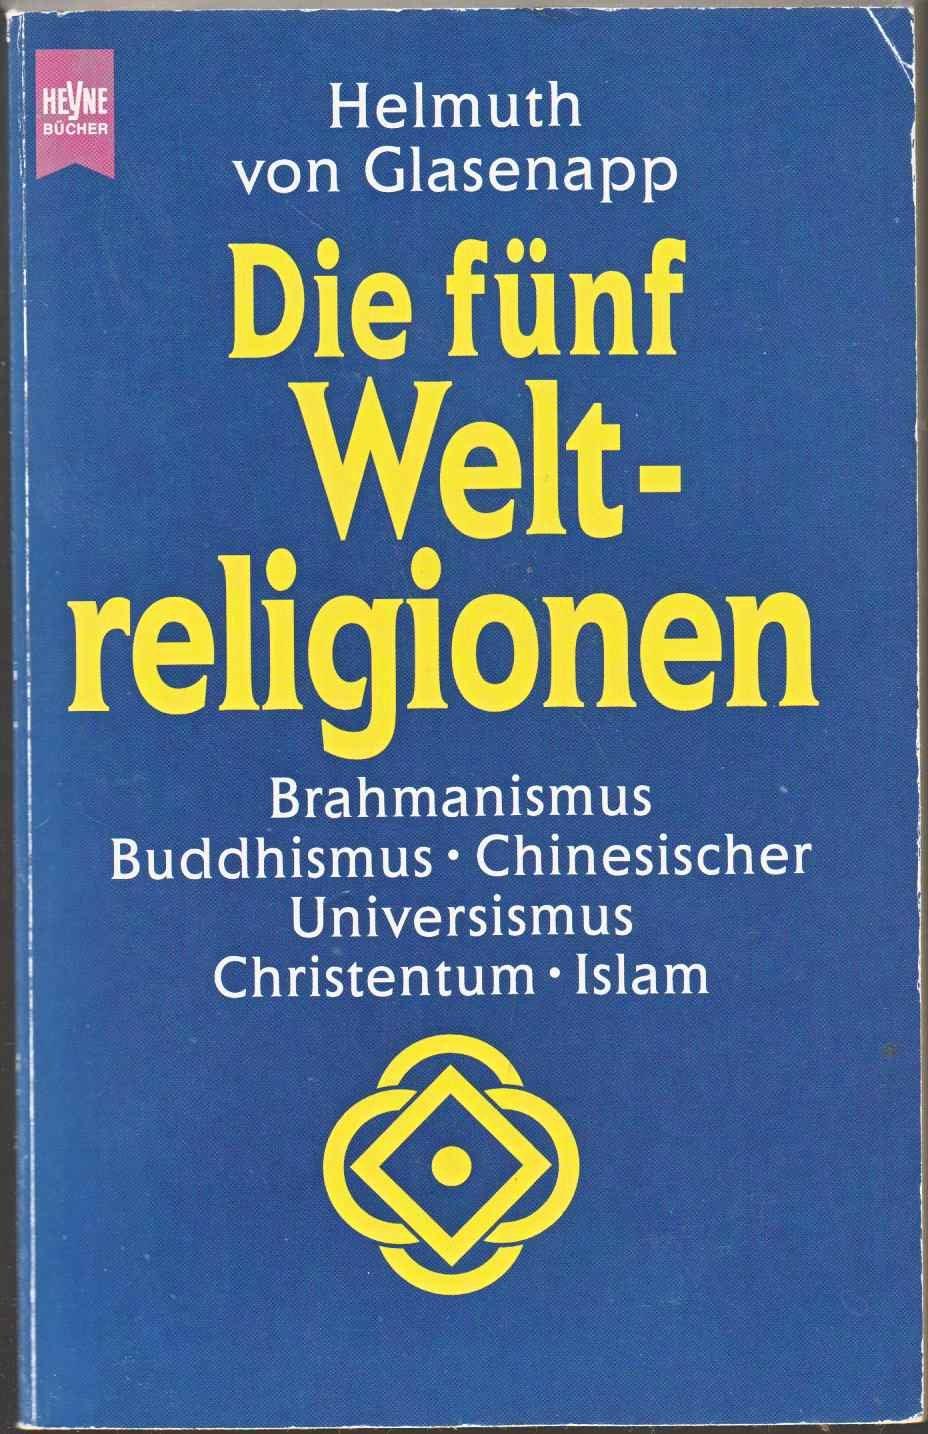 Die fünf Weltreligionen. Hinduismus, Buddhismus, Chinesischer Universismus, Christentum, Islam